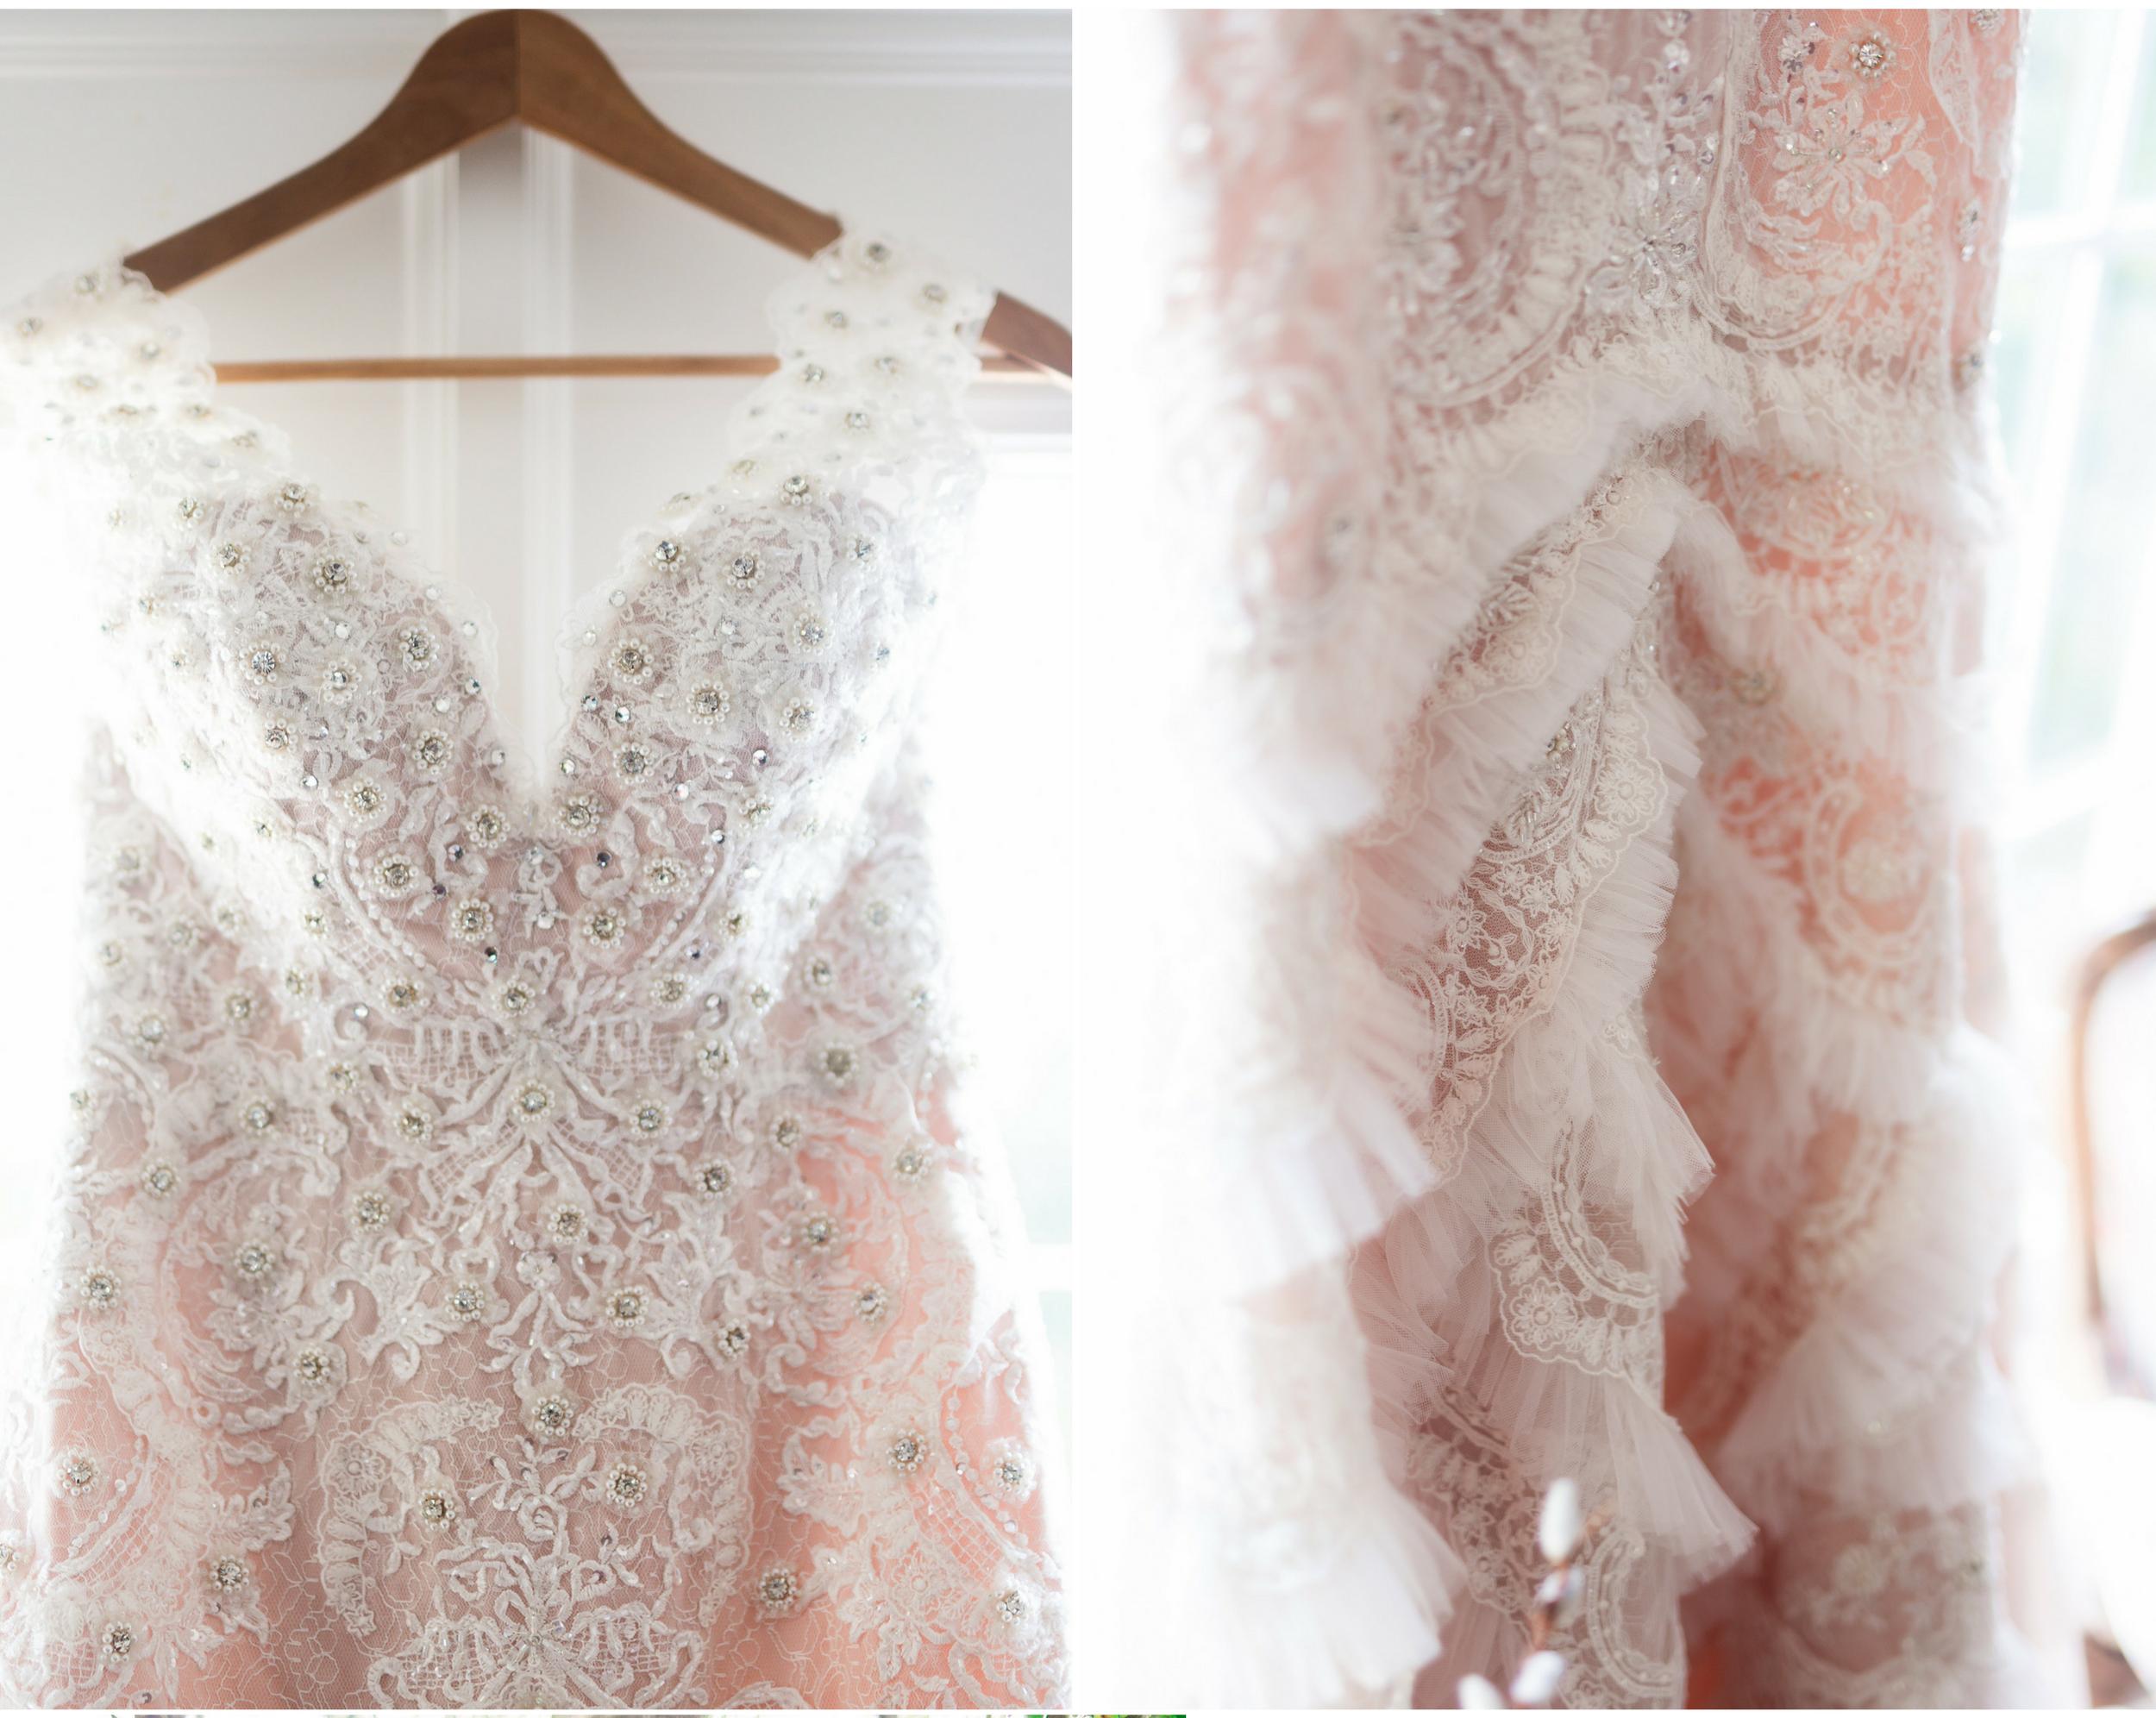 Richmond Wedding- Texas Wedding- Pharris Photography- Texas Photography- The Manor of Richmond- TC and Jessica- Jeweled Wedding Dress